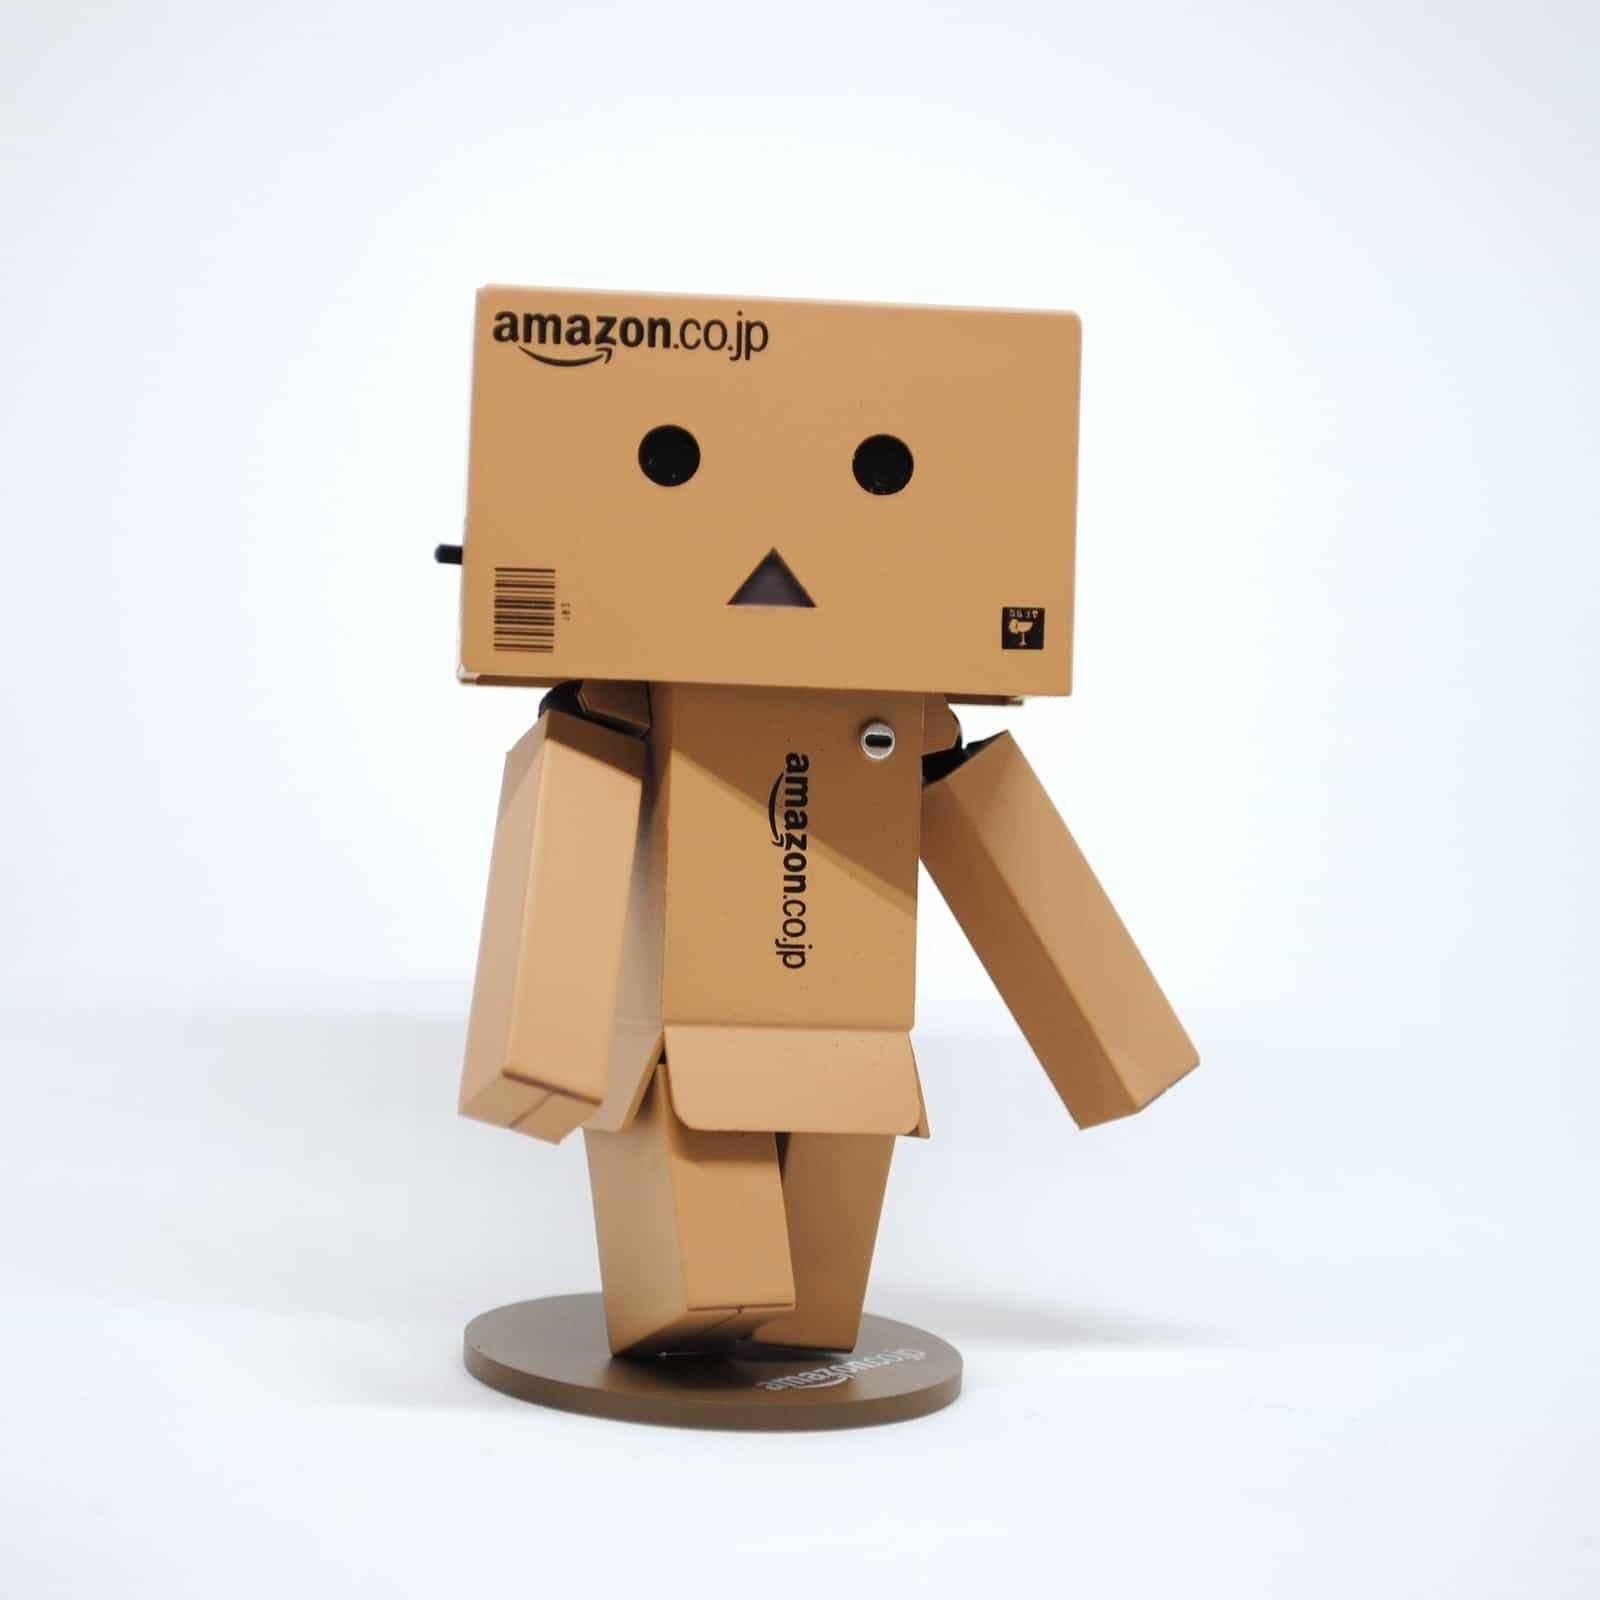 T01xE16: La ambición de Amazon |AL OTRO LADO con Luis Bermejo | luisbermejo.com